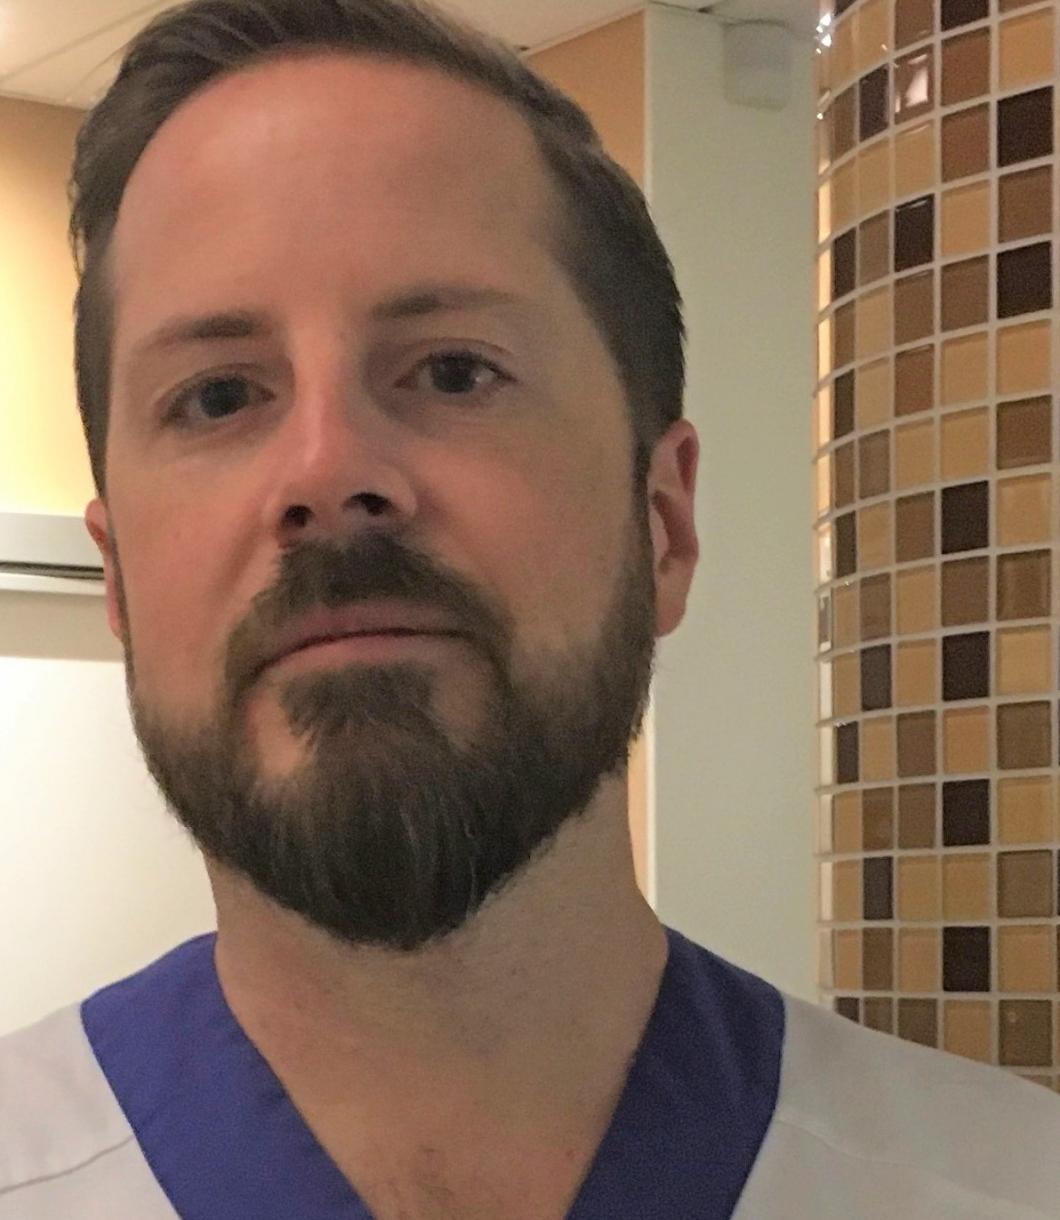 Oro för patienterna när psykiatrin i Värmland stänger vårdplatser